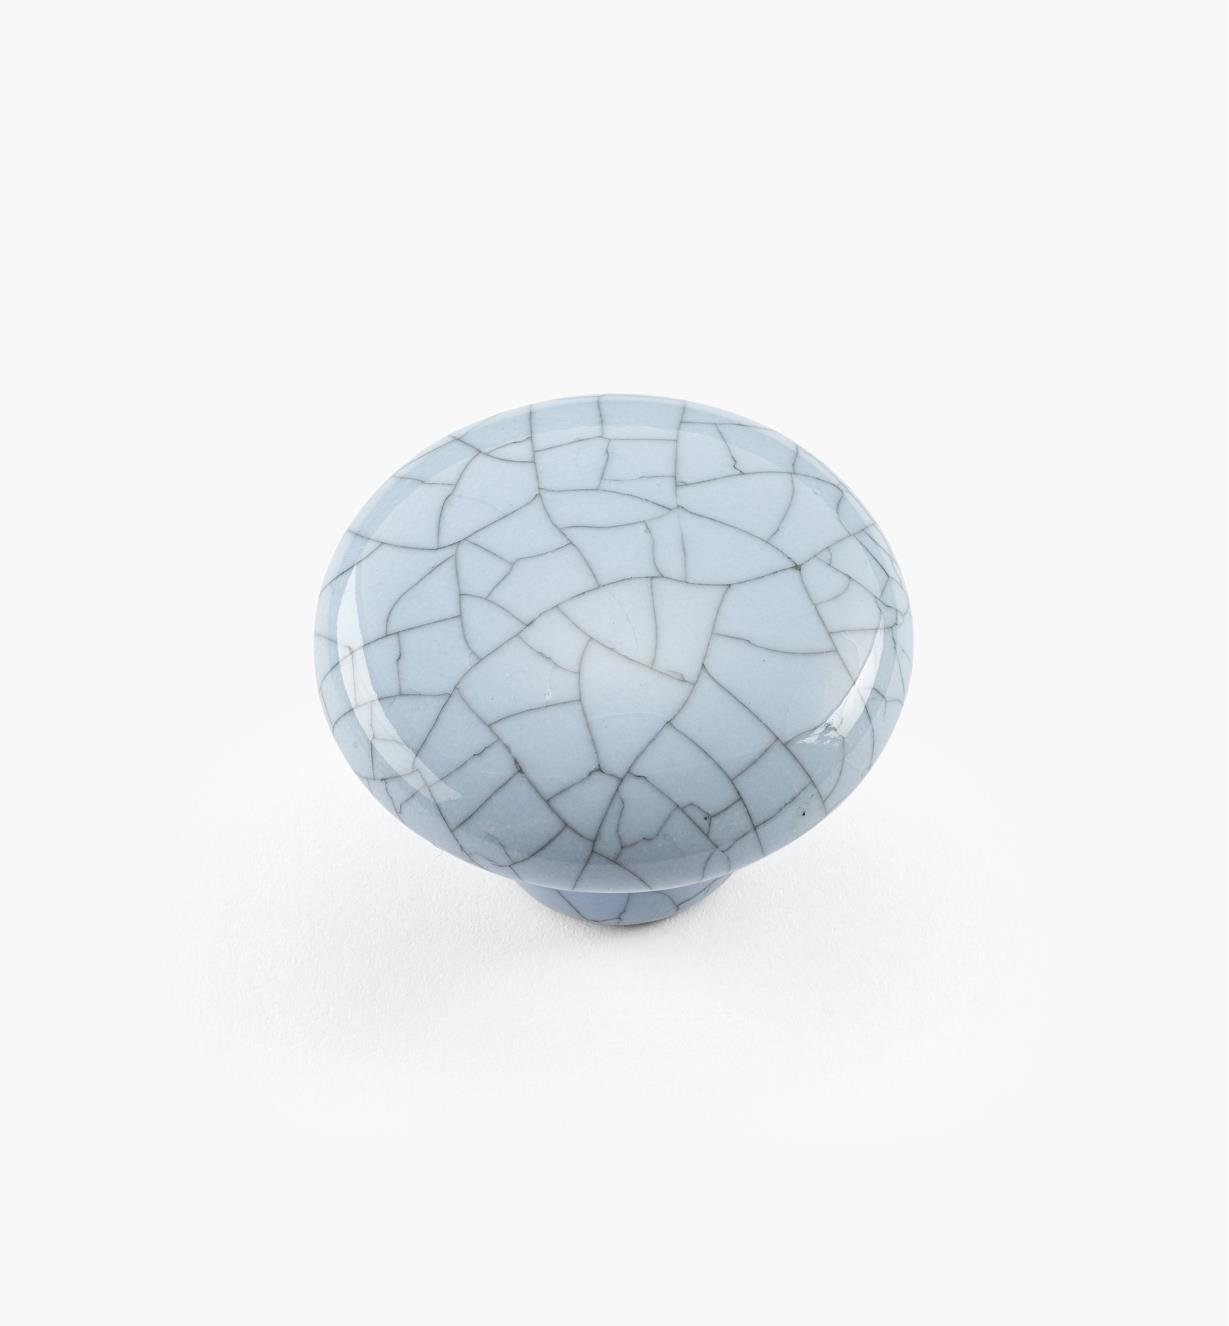 00W5212 - Bouton rond en céramique, série Craquelé, bleu, 1 1/4 po x 15/16 po